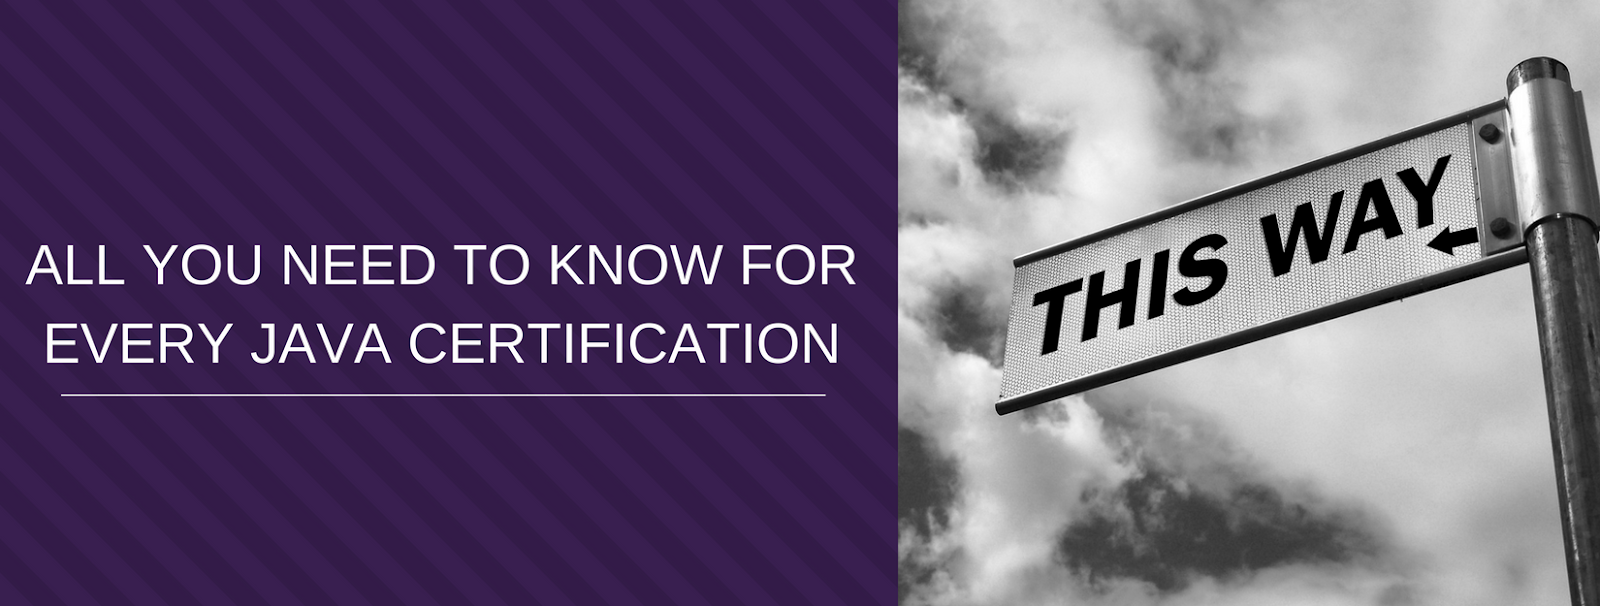 Oracle Cloud Computing Saas Paas Iaas Certification Exams Guide